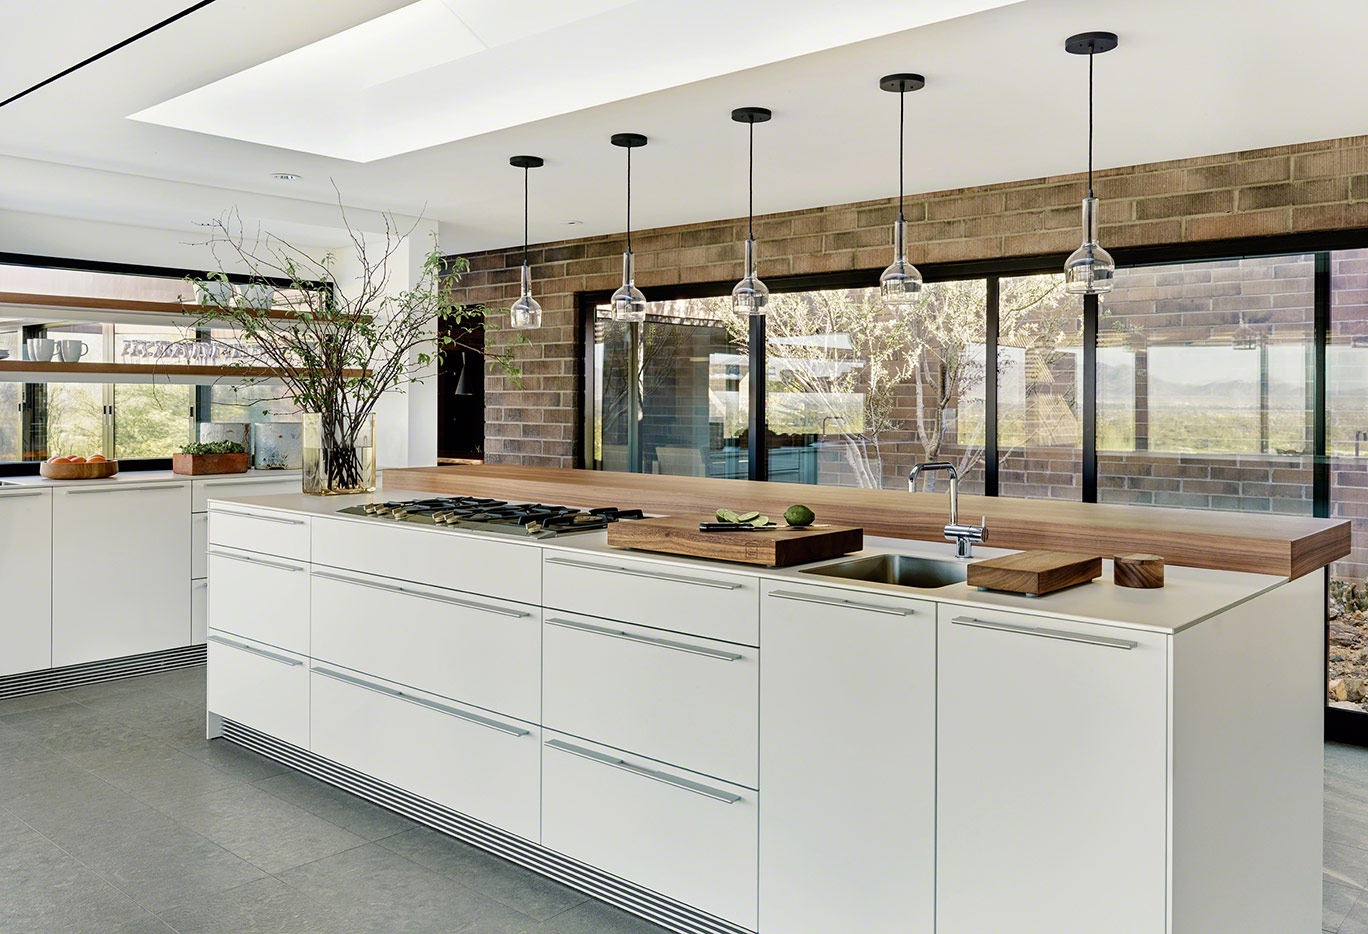 Contemporary Kitchen Interior Design In Phoenix ǀ David Michael Miller